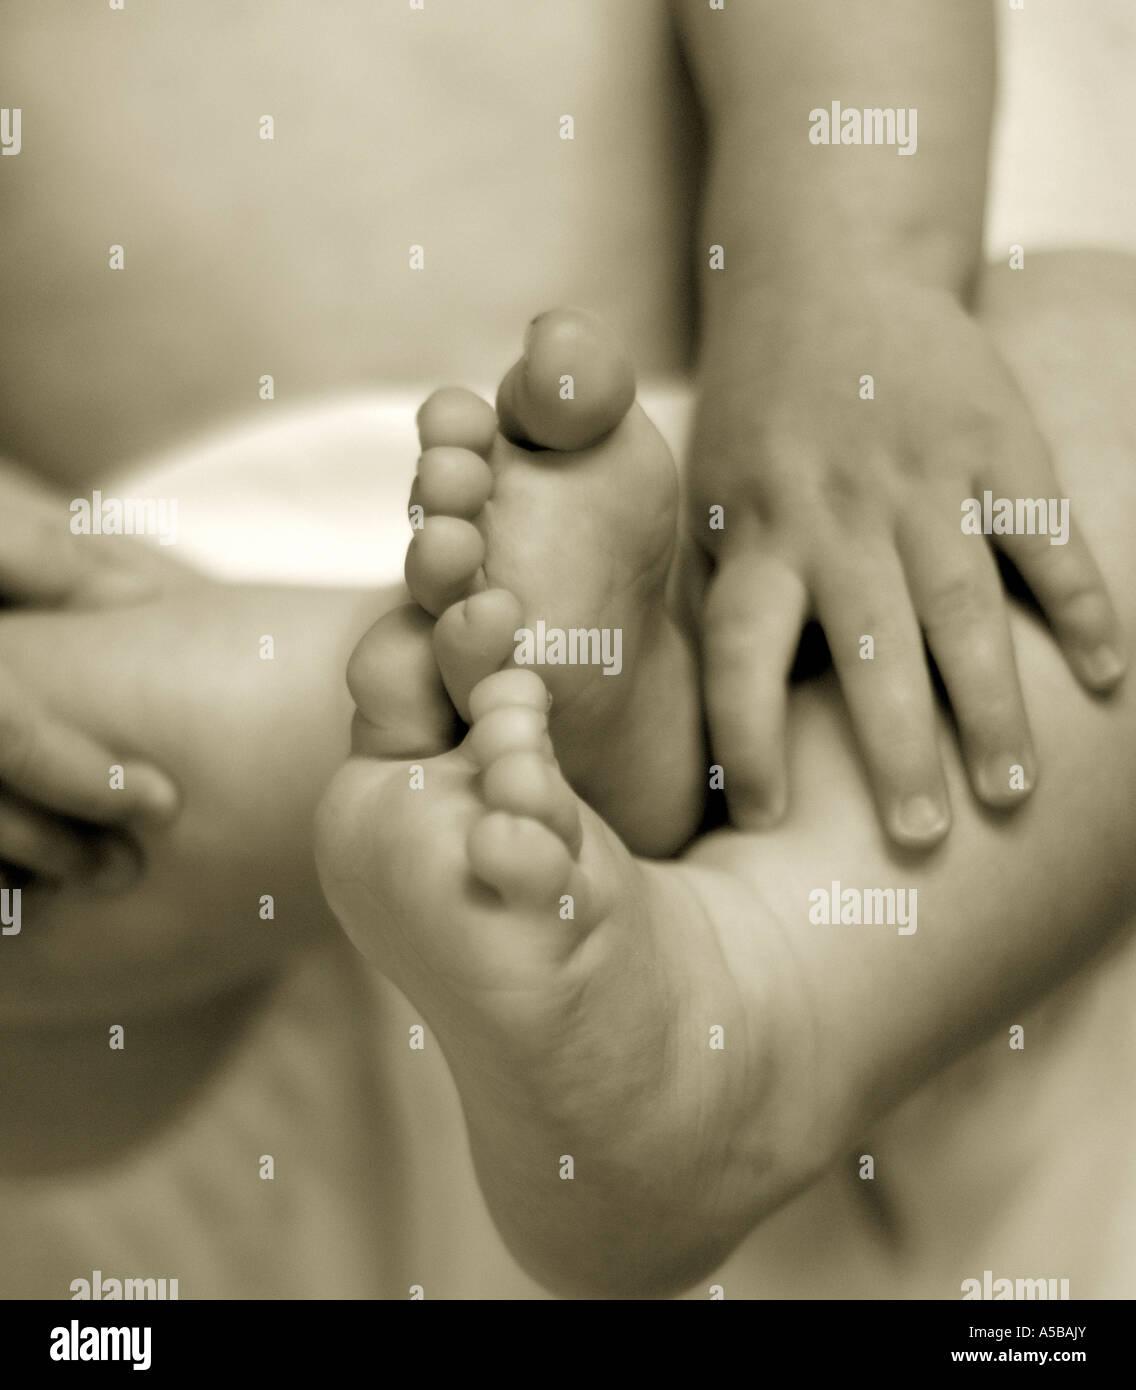 El bebé lactante holding y descubriendo las manos y los pies. Imagen De Stock